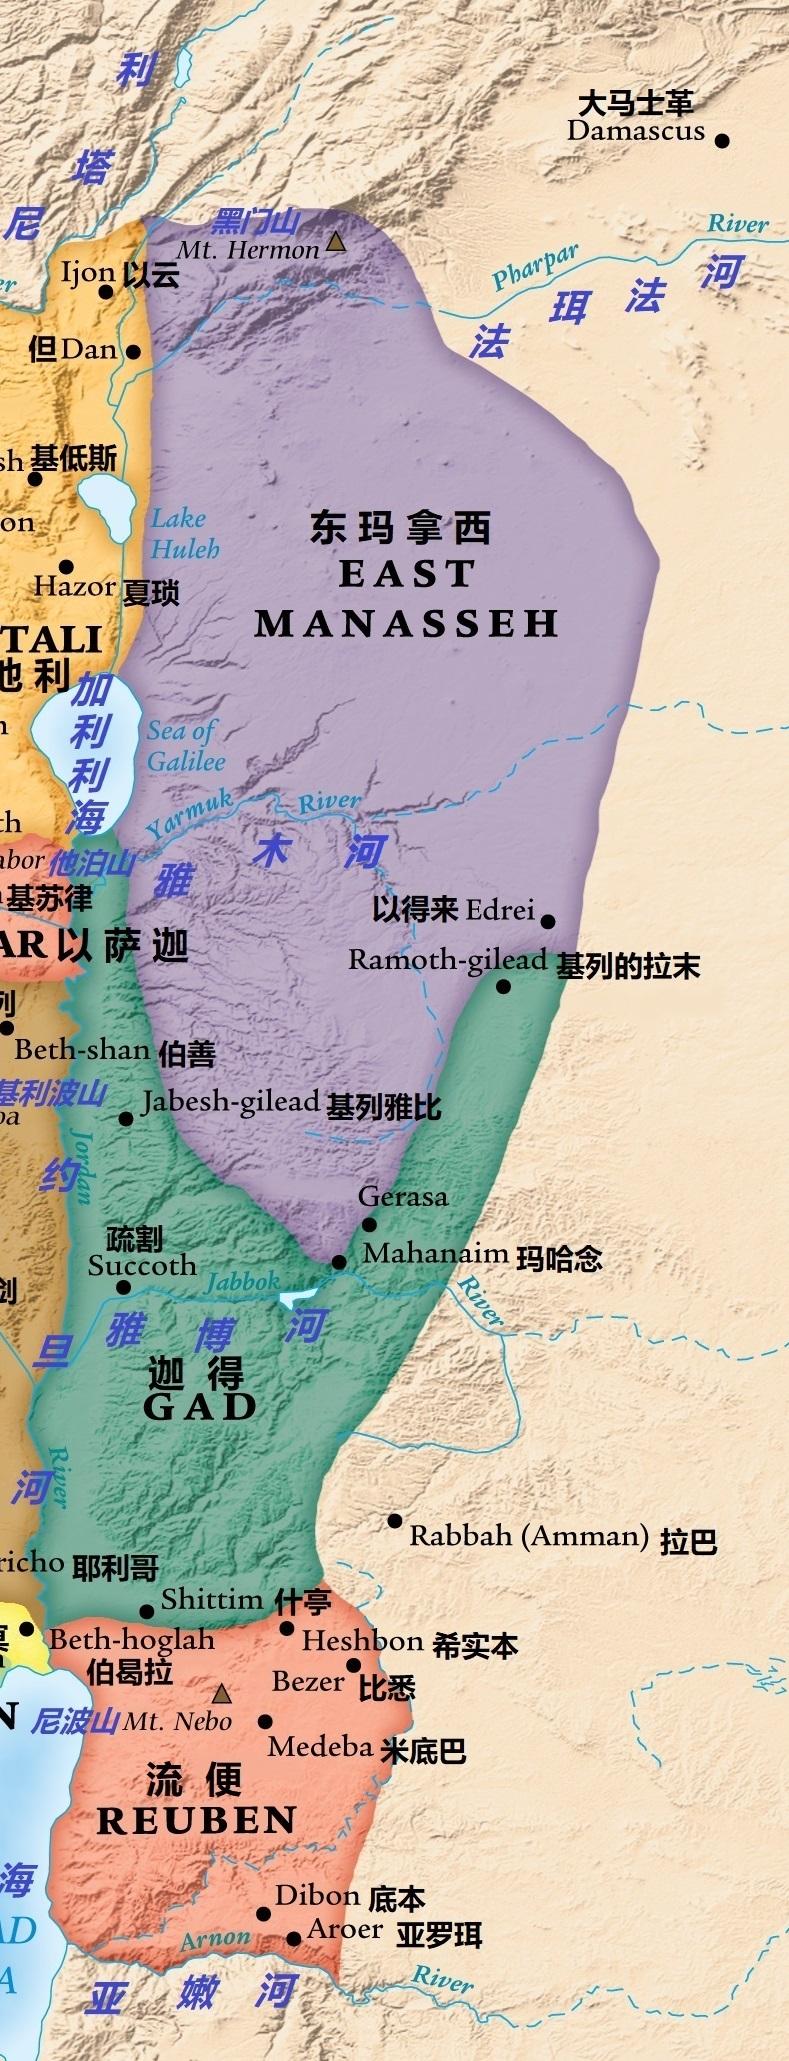 上图:河东两个半支派所分得的地业。